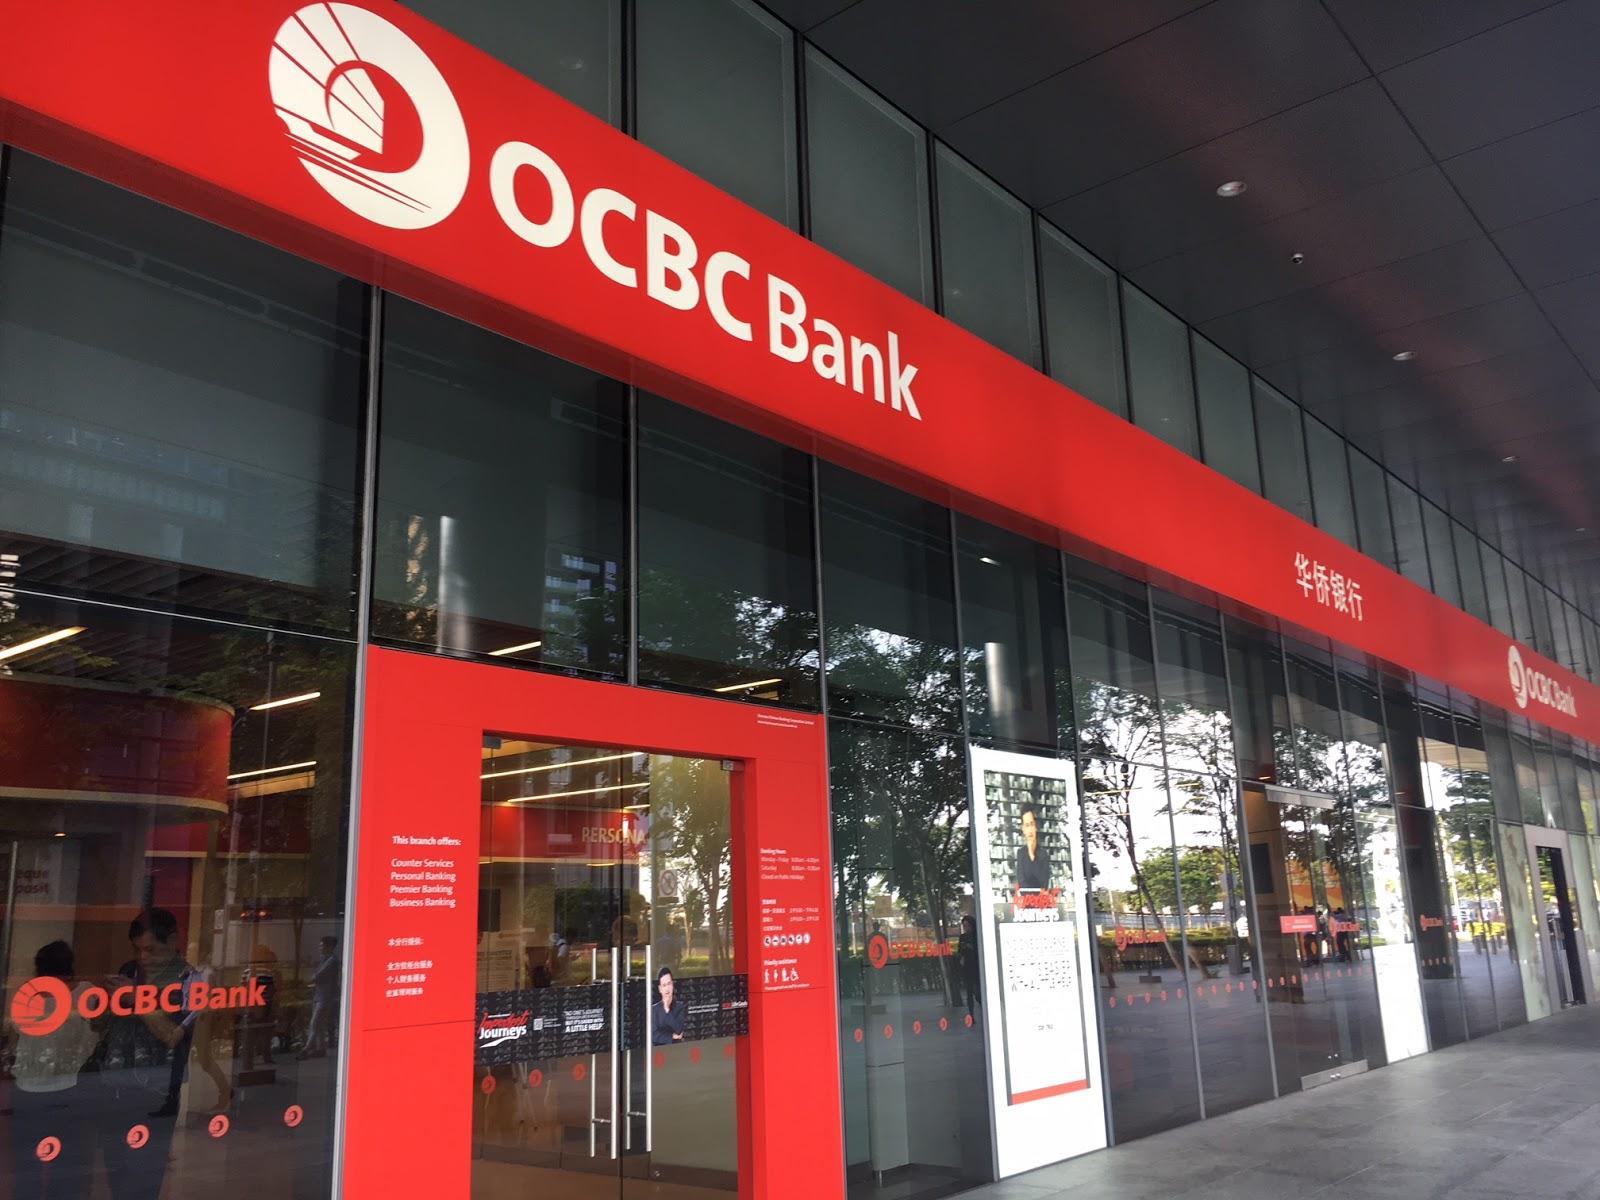 In the centre : Ocbc